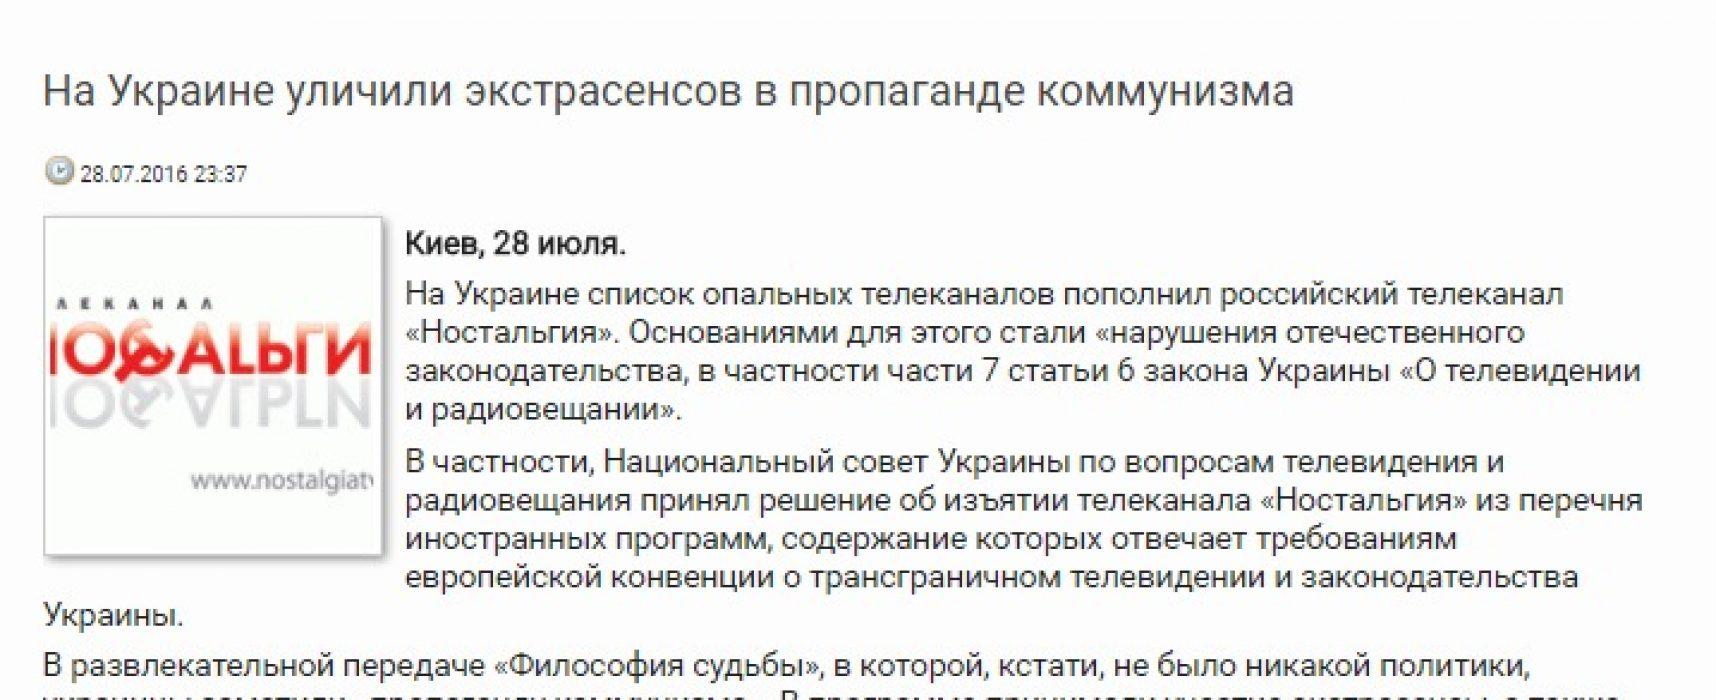 СМИ исказили причину запрета российского телеканала «Ностальгия»